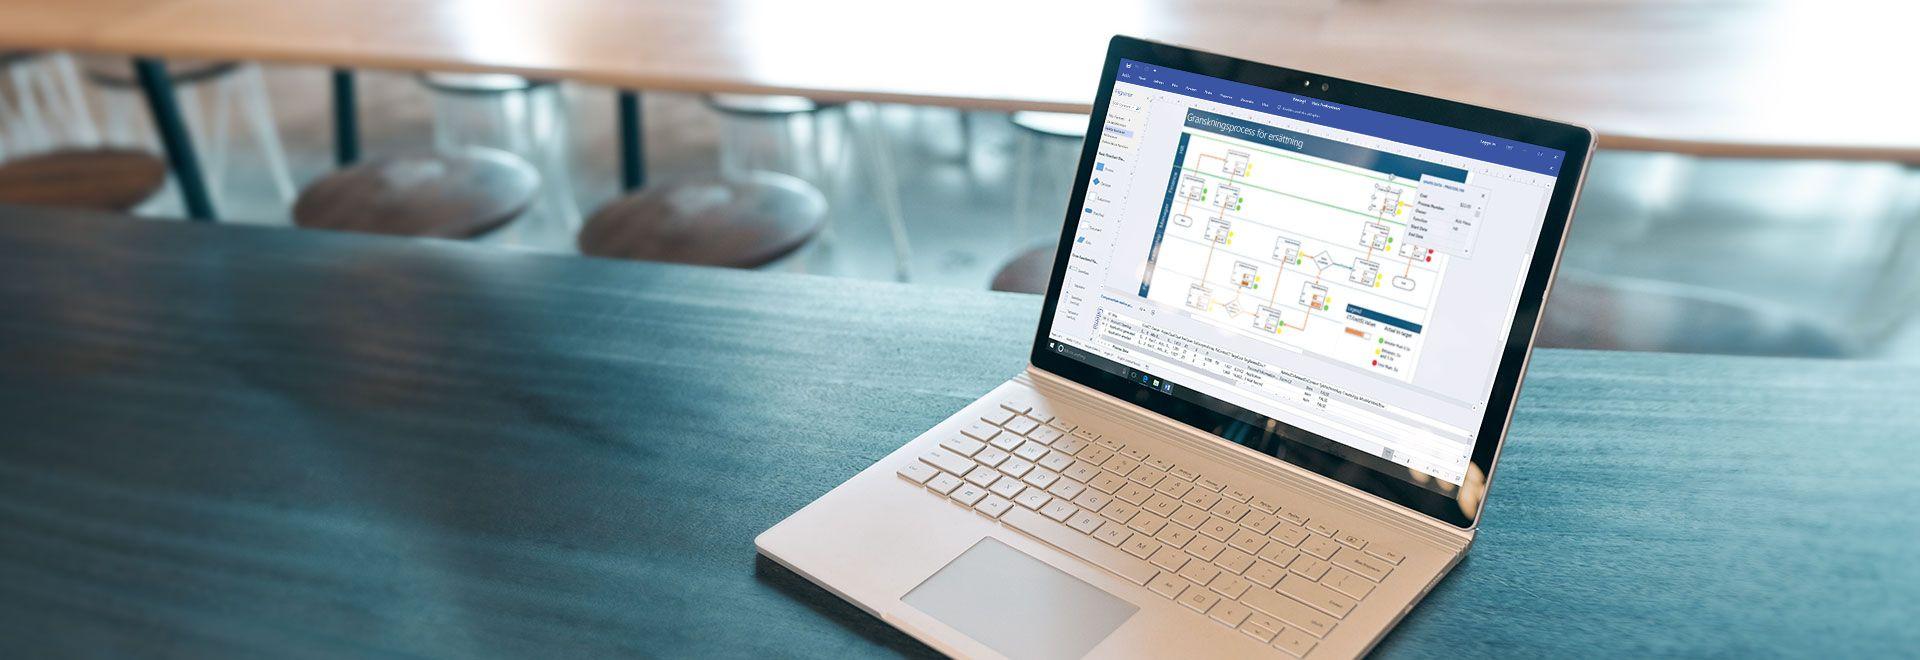 En bärbar dator med en bild av ett processflödesdiagram i Visio Pro för Office365